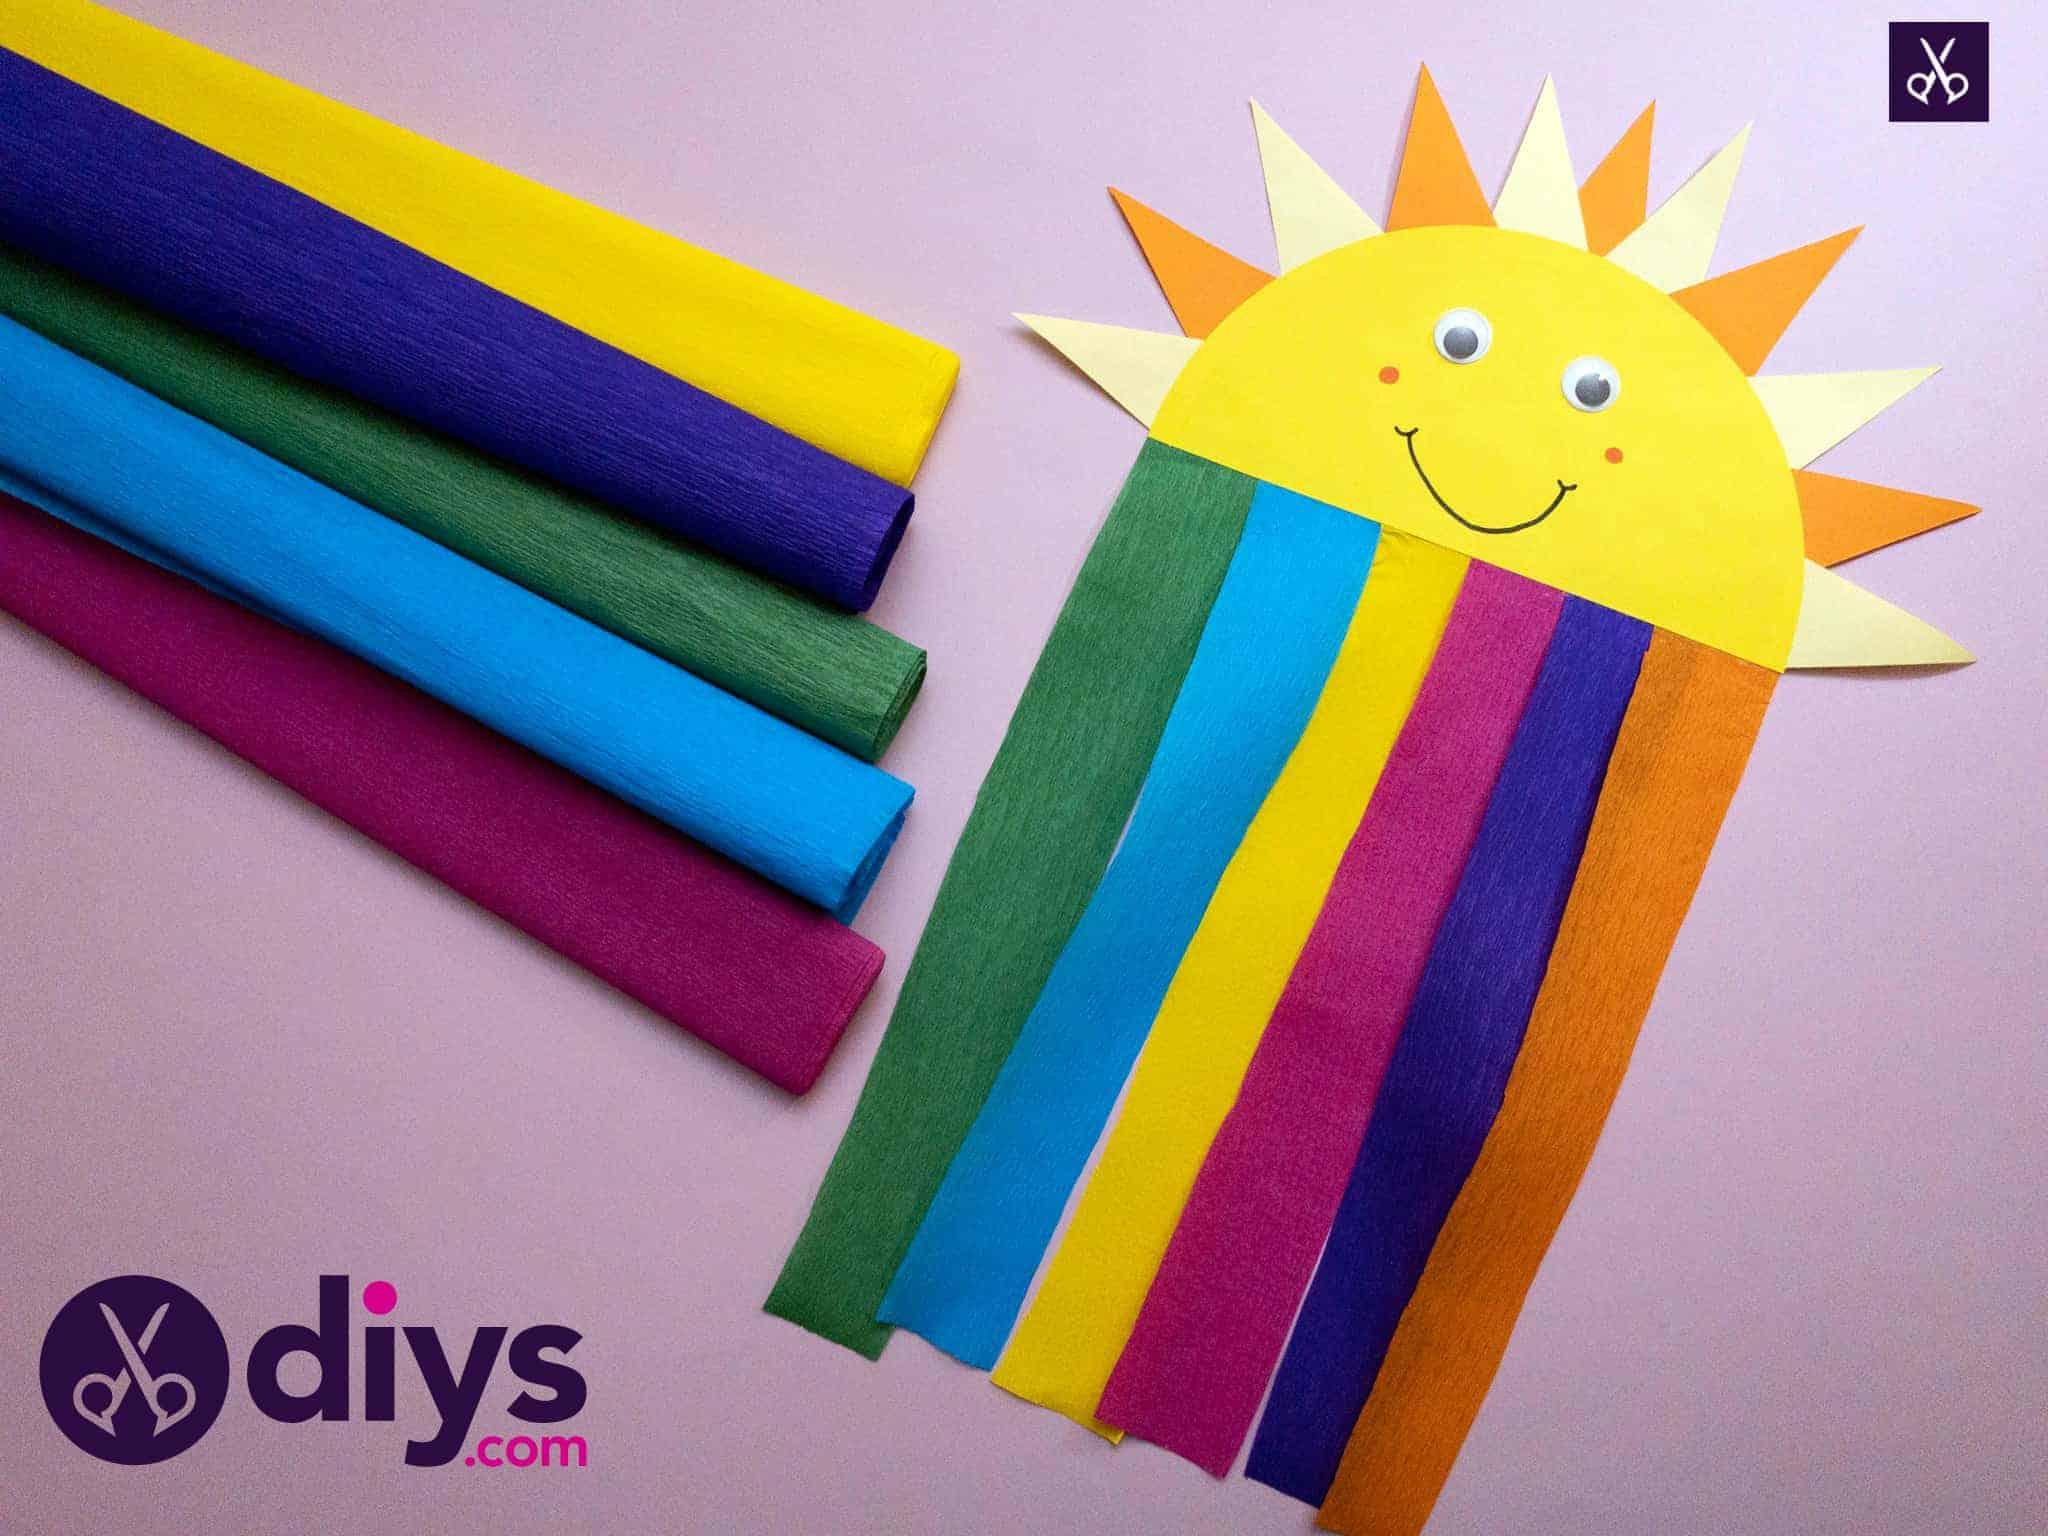 Comment faire un soleil en papier arc-en-ciel